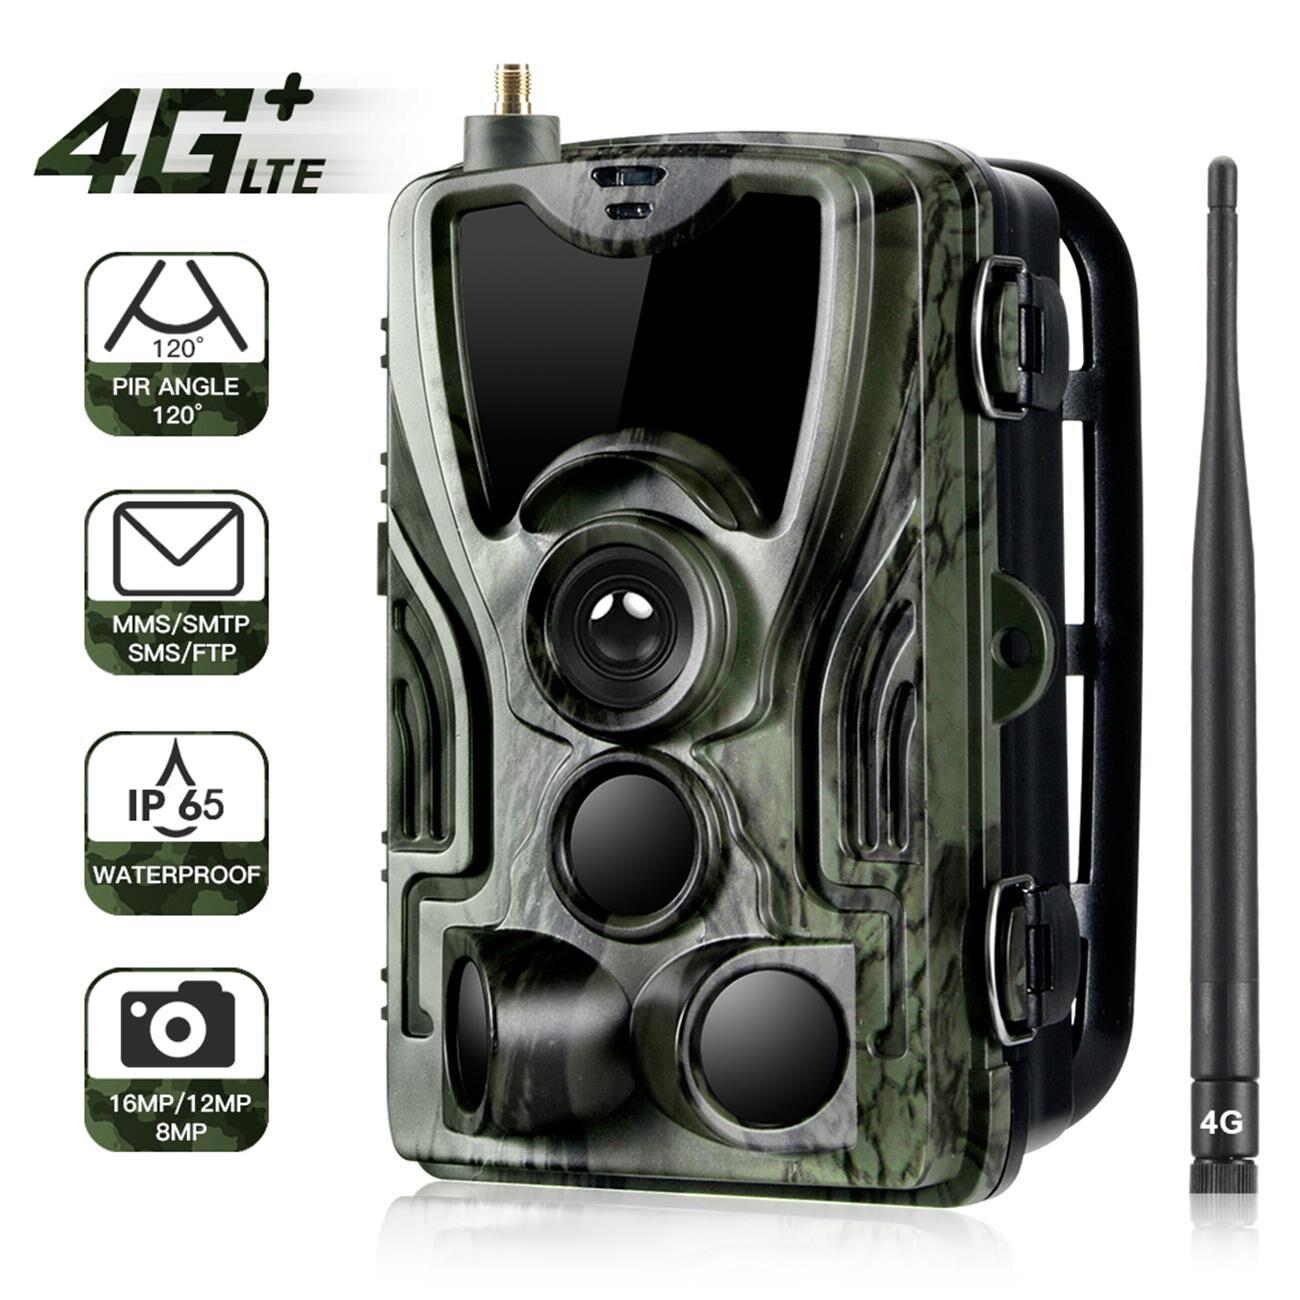 AliExpress Caméra de chasse et de suivi des sentiers 4G MMS 20MP 1080P, sans fil, Surveillance de la faune,